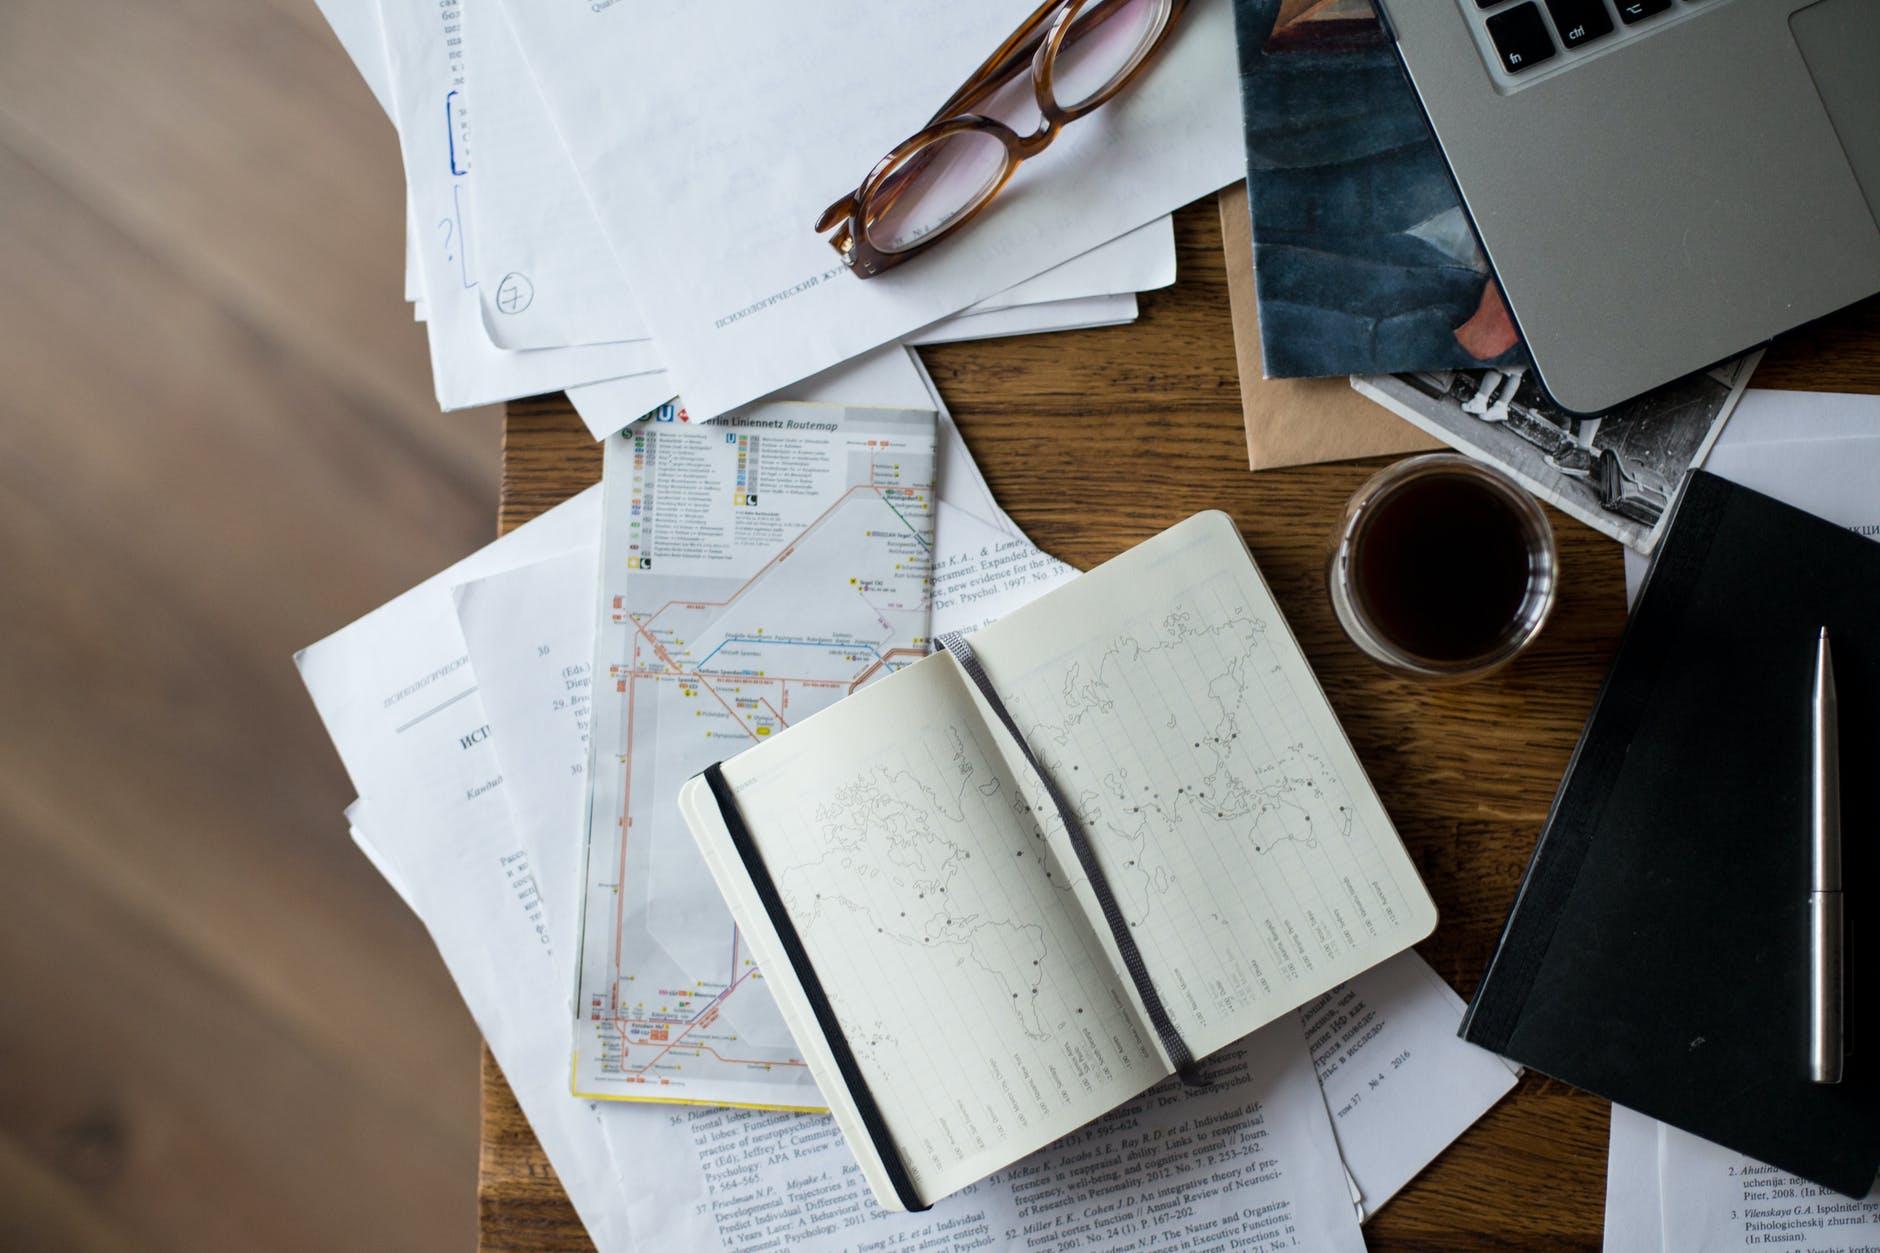 brown framed eyeglasses on white printer paper beside white ceramic mug